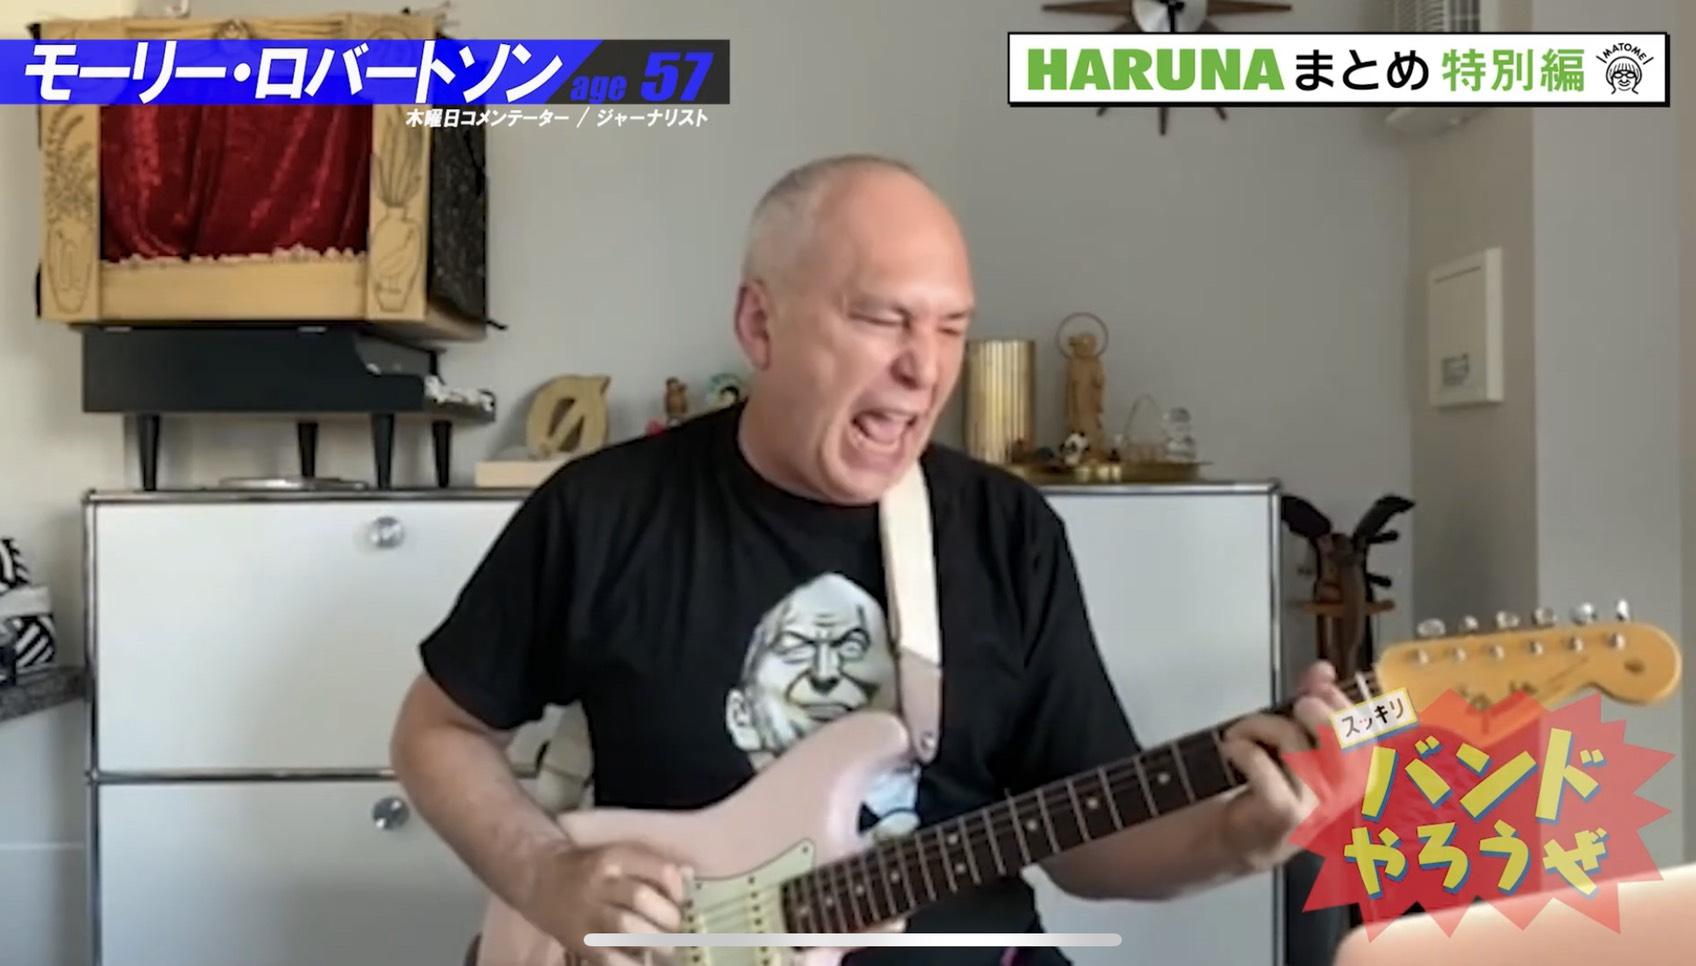 オーディション スッキリ ボーカル 【スッキリ!バンドやろうぜ!】ボーカルオーディションは誰になった?結果報告!